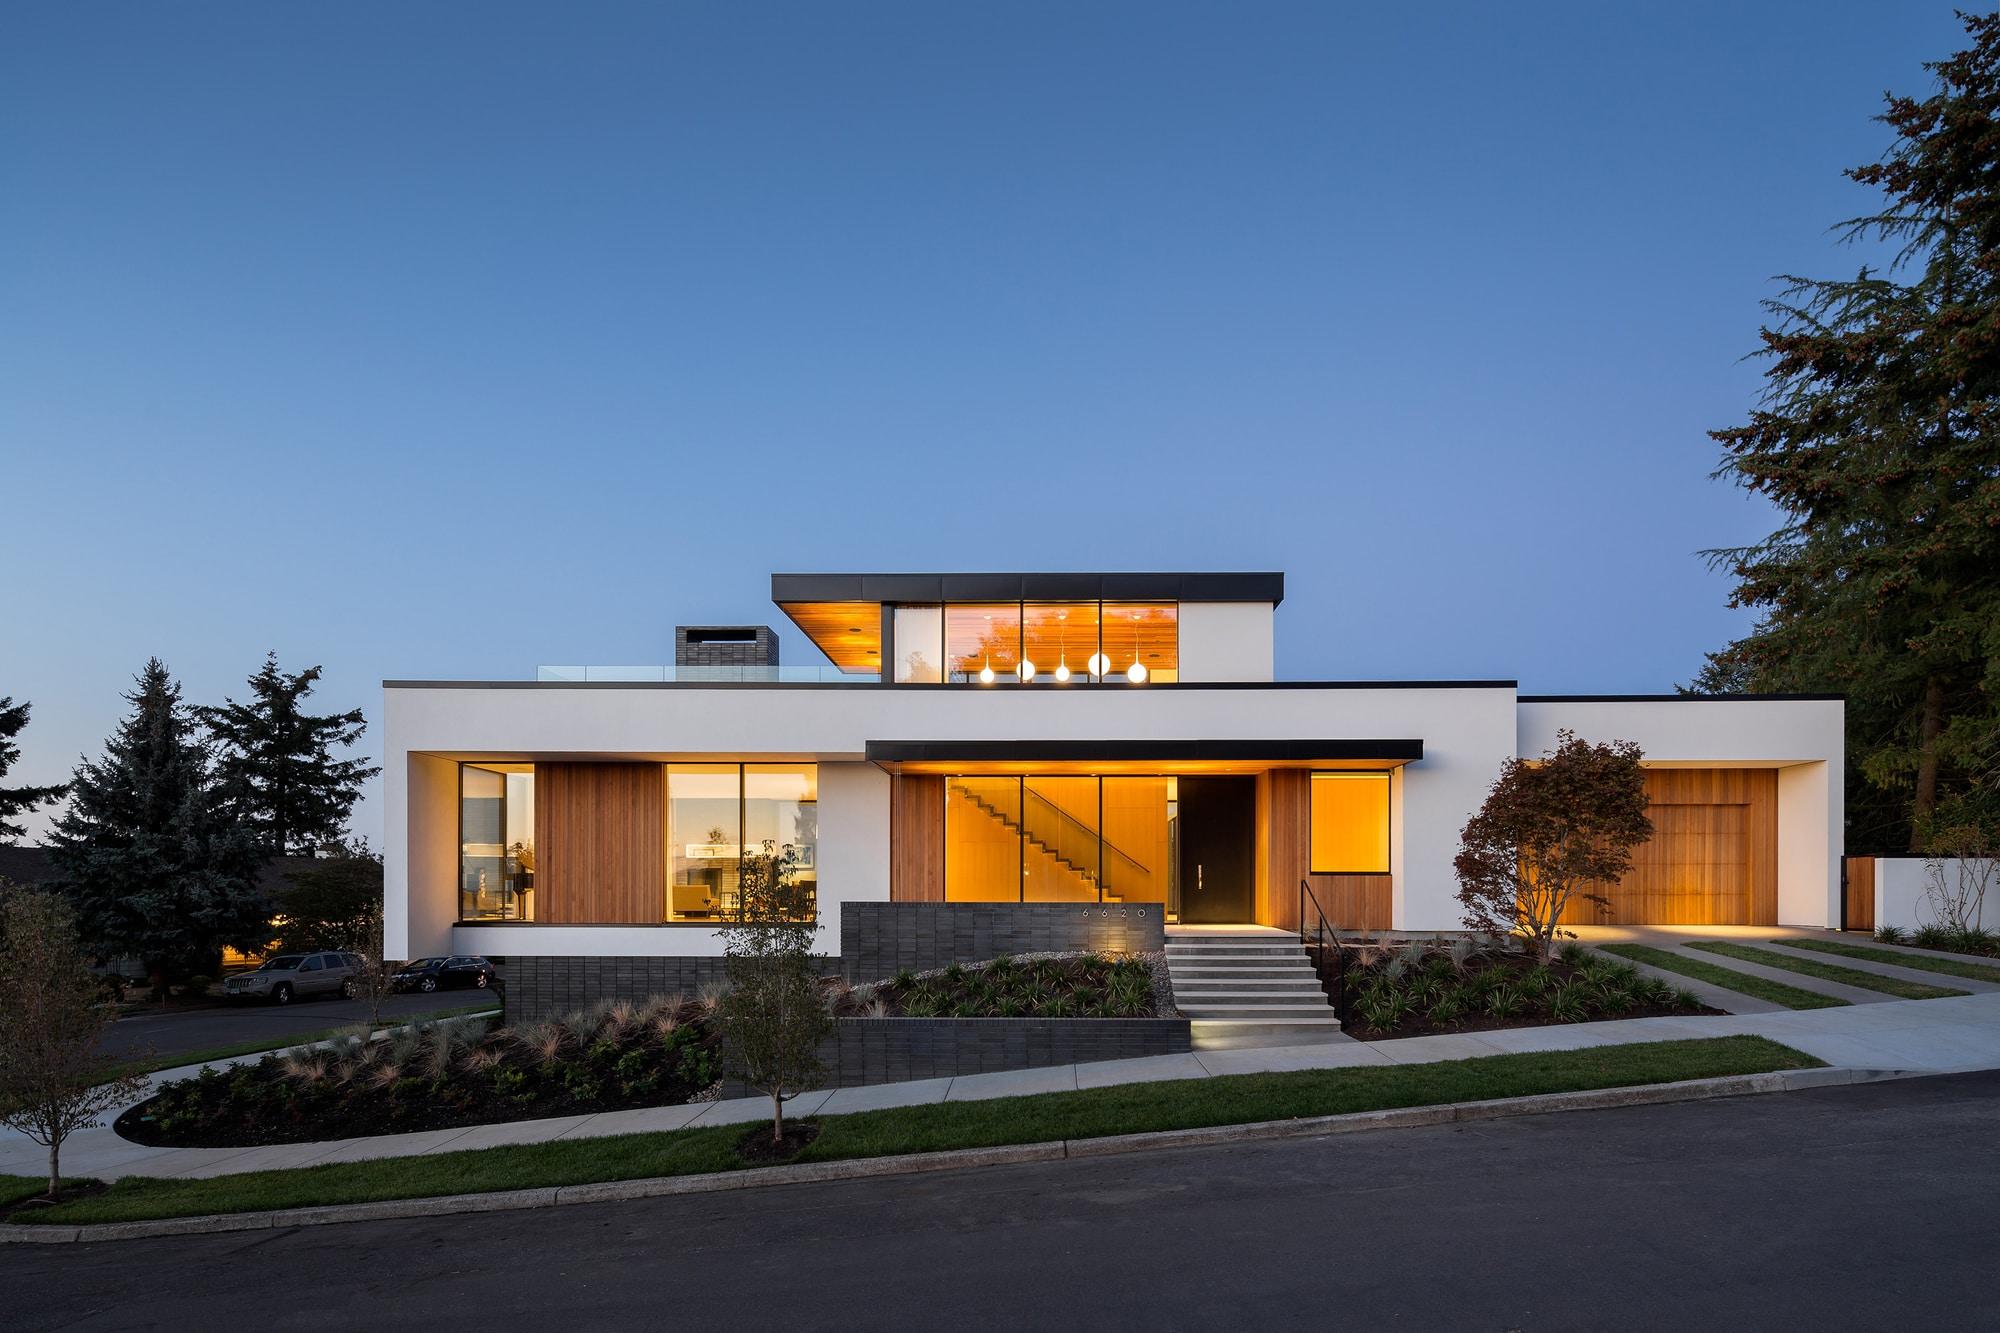 Fachada casa moderna grande construye hogar for Casas modernas 2016 fachadas